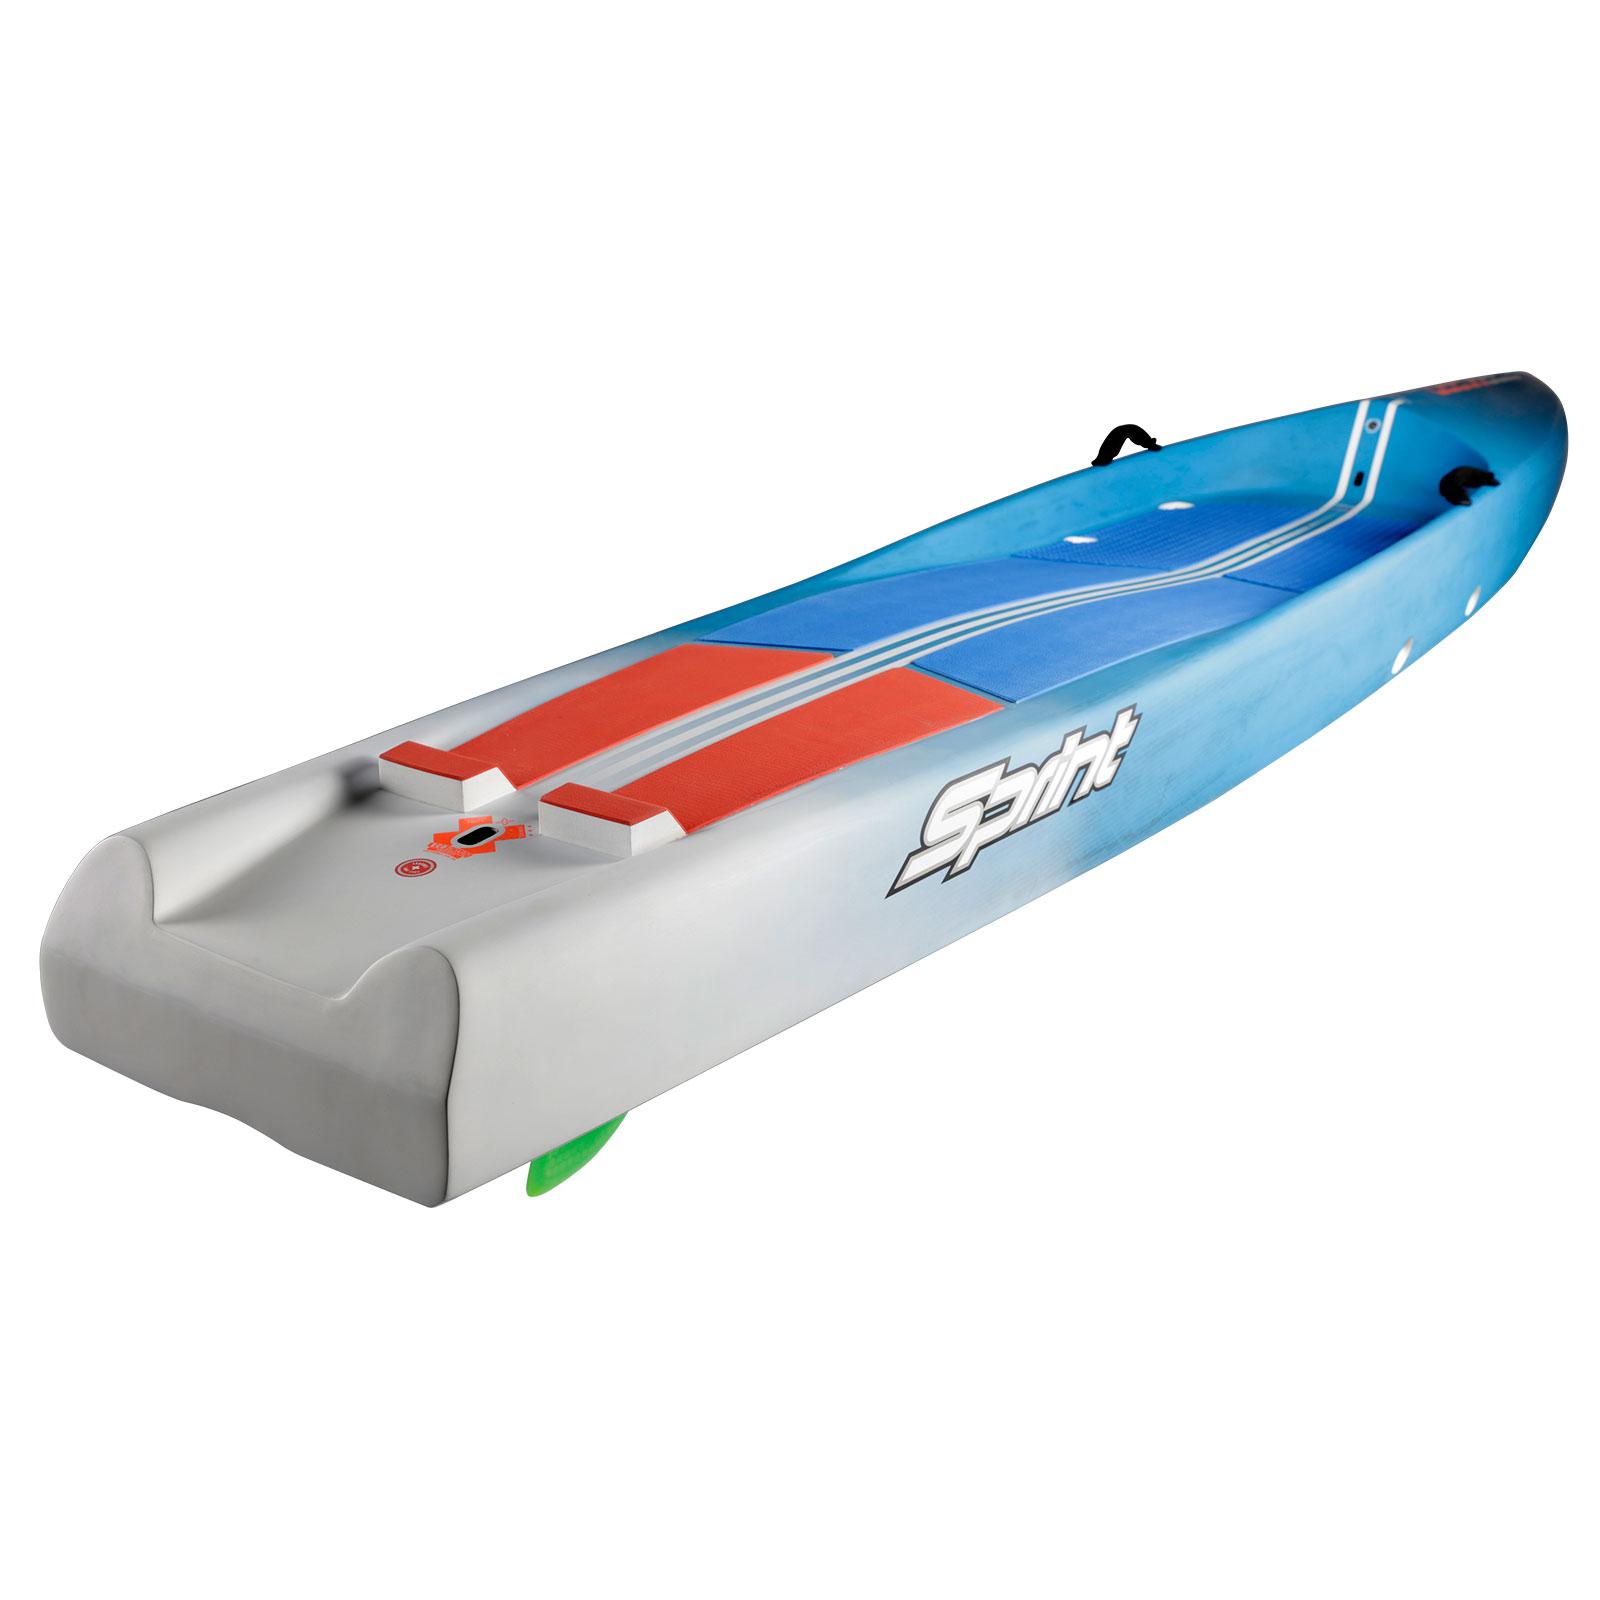 Nouveauté : Starboard SUP Race 2018